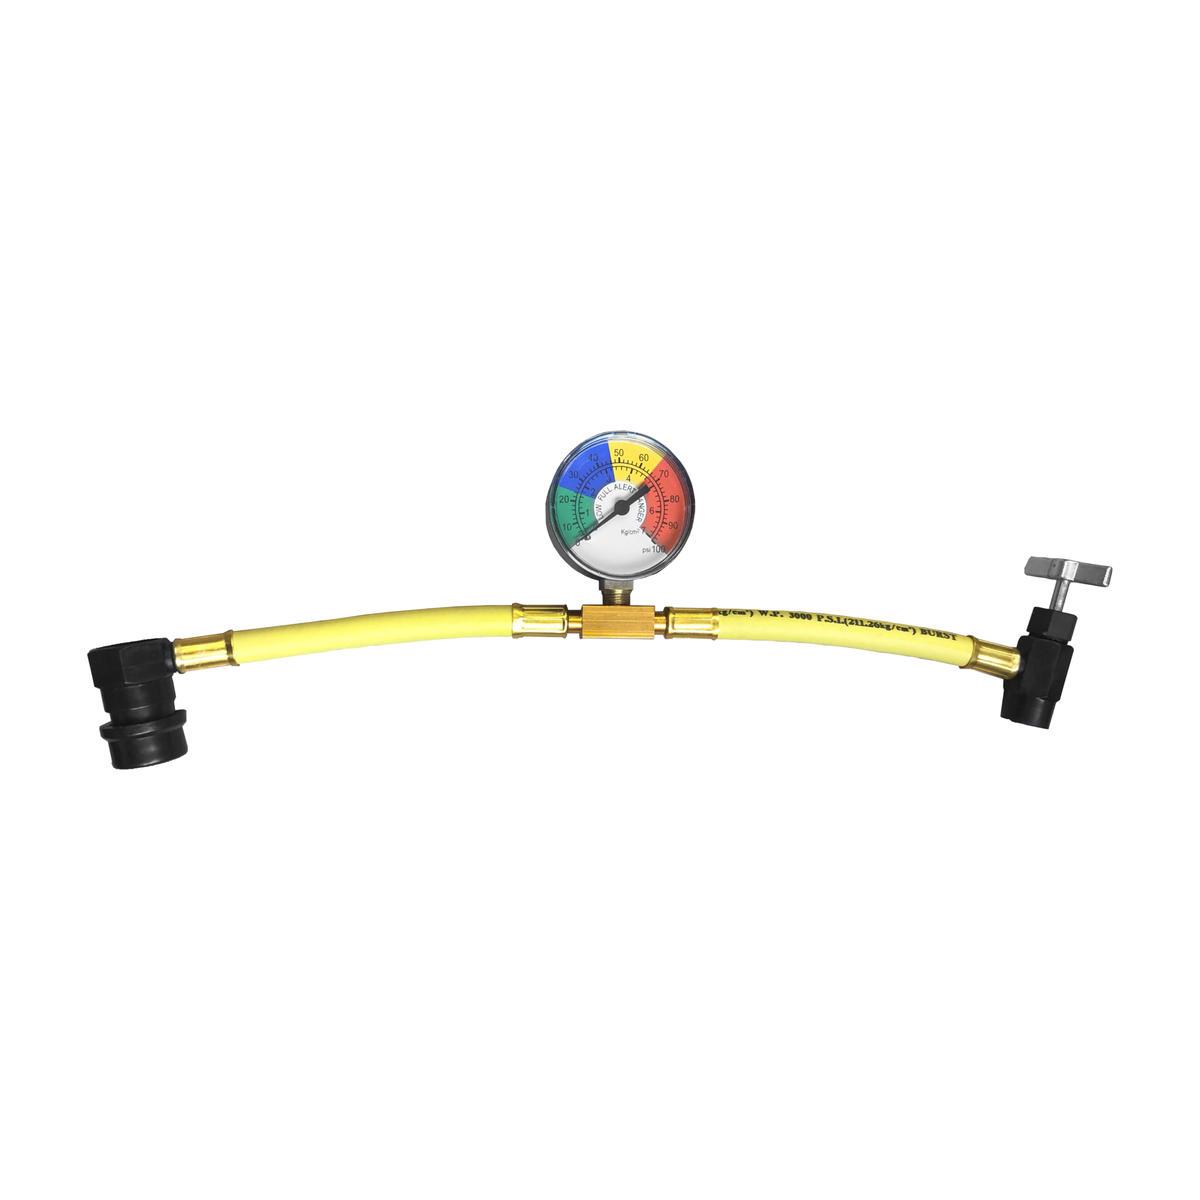 Car AC Aircon Air Con Conditioning Recharge Gas Regas DIY Tool Hose Pipe + Gauge